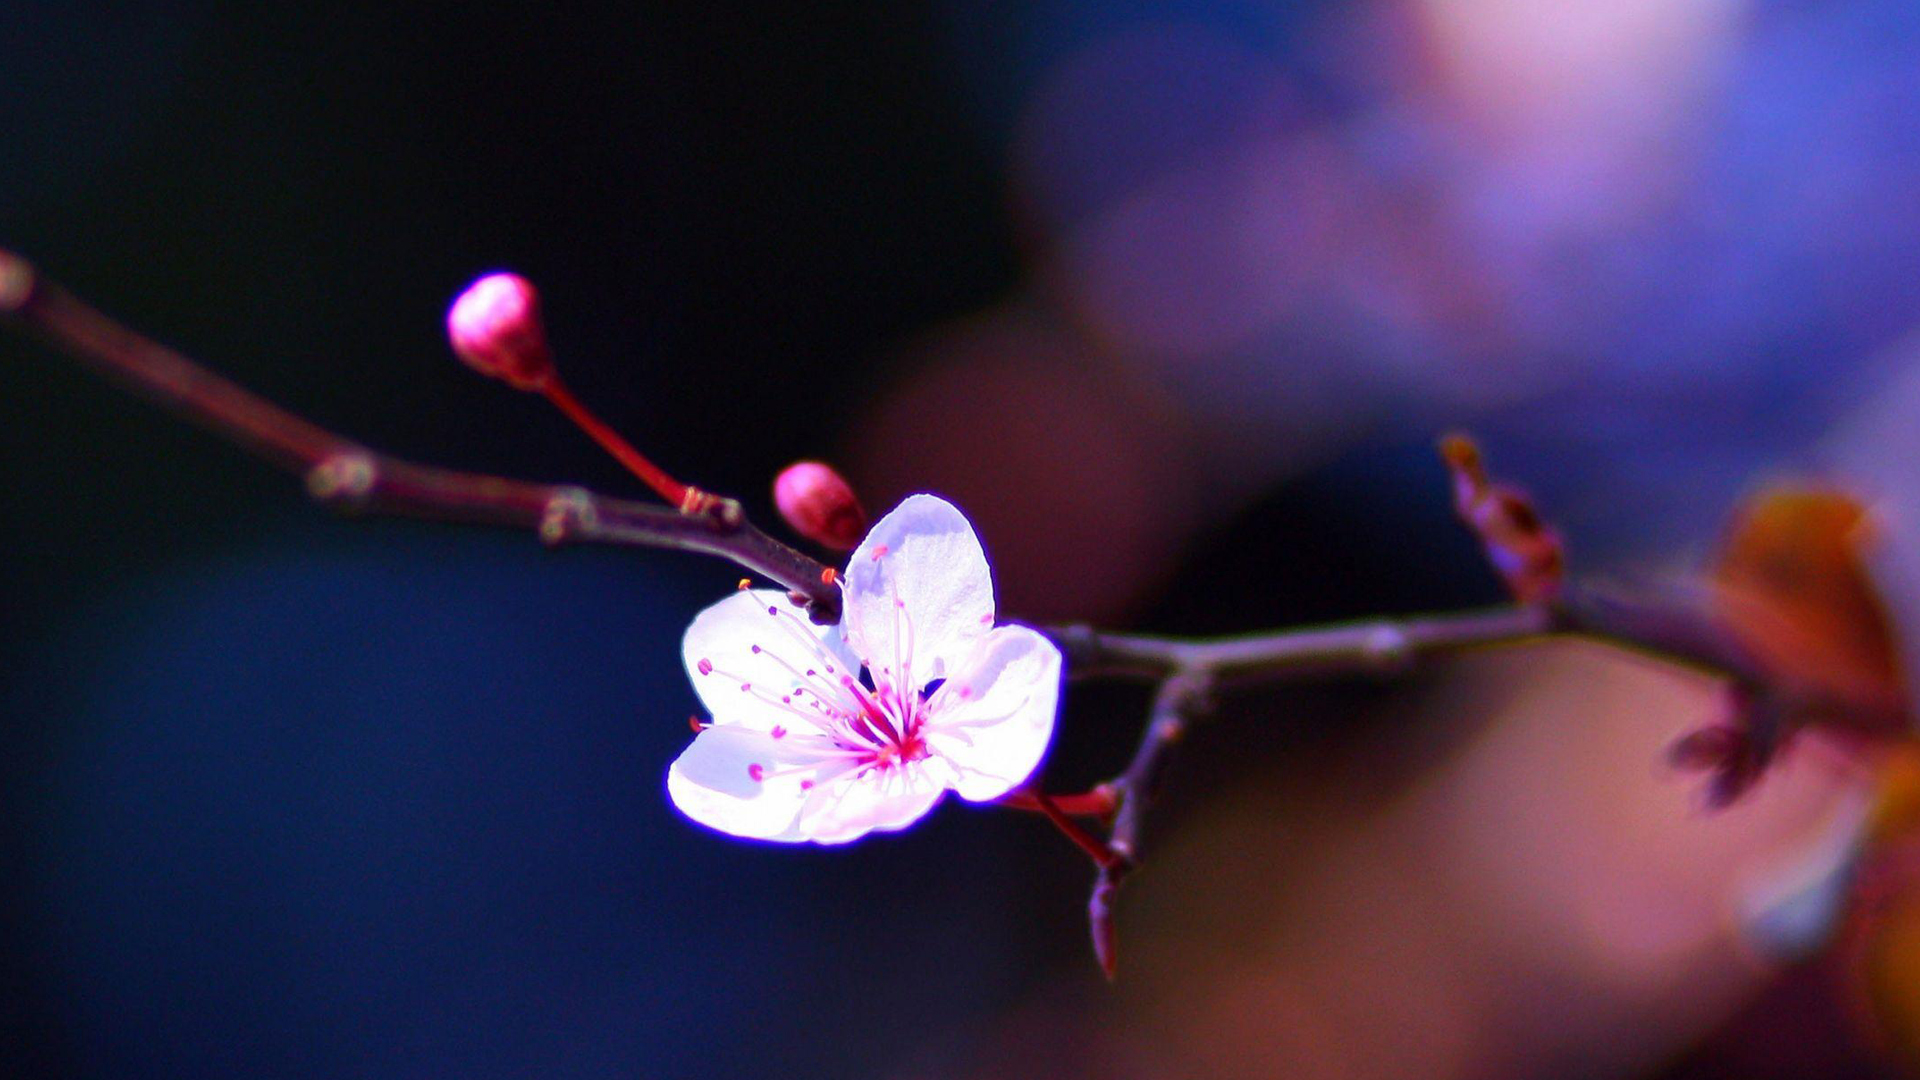 Flower Macro - Top 10 Spring Wallpapers